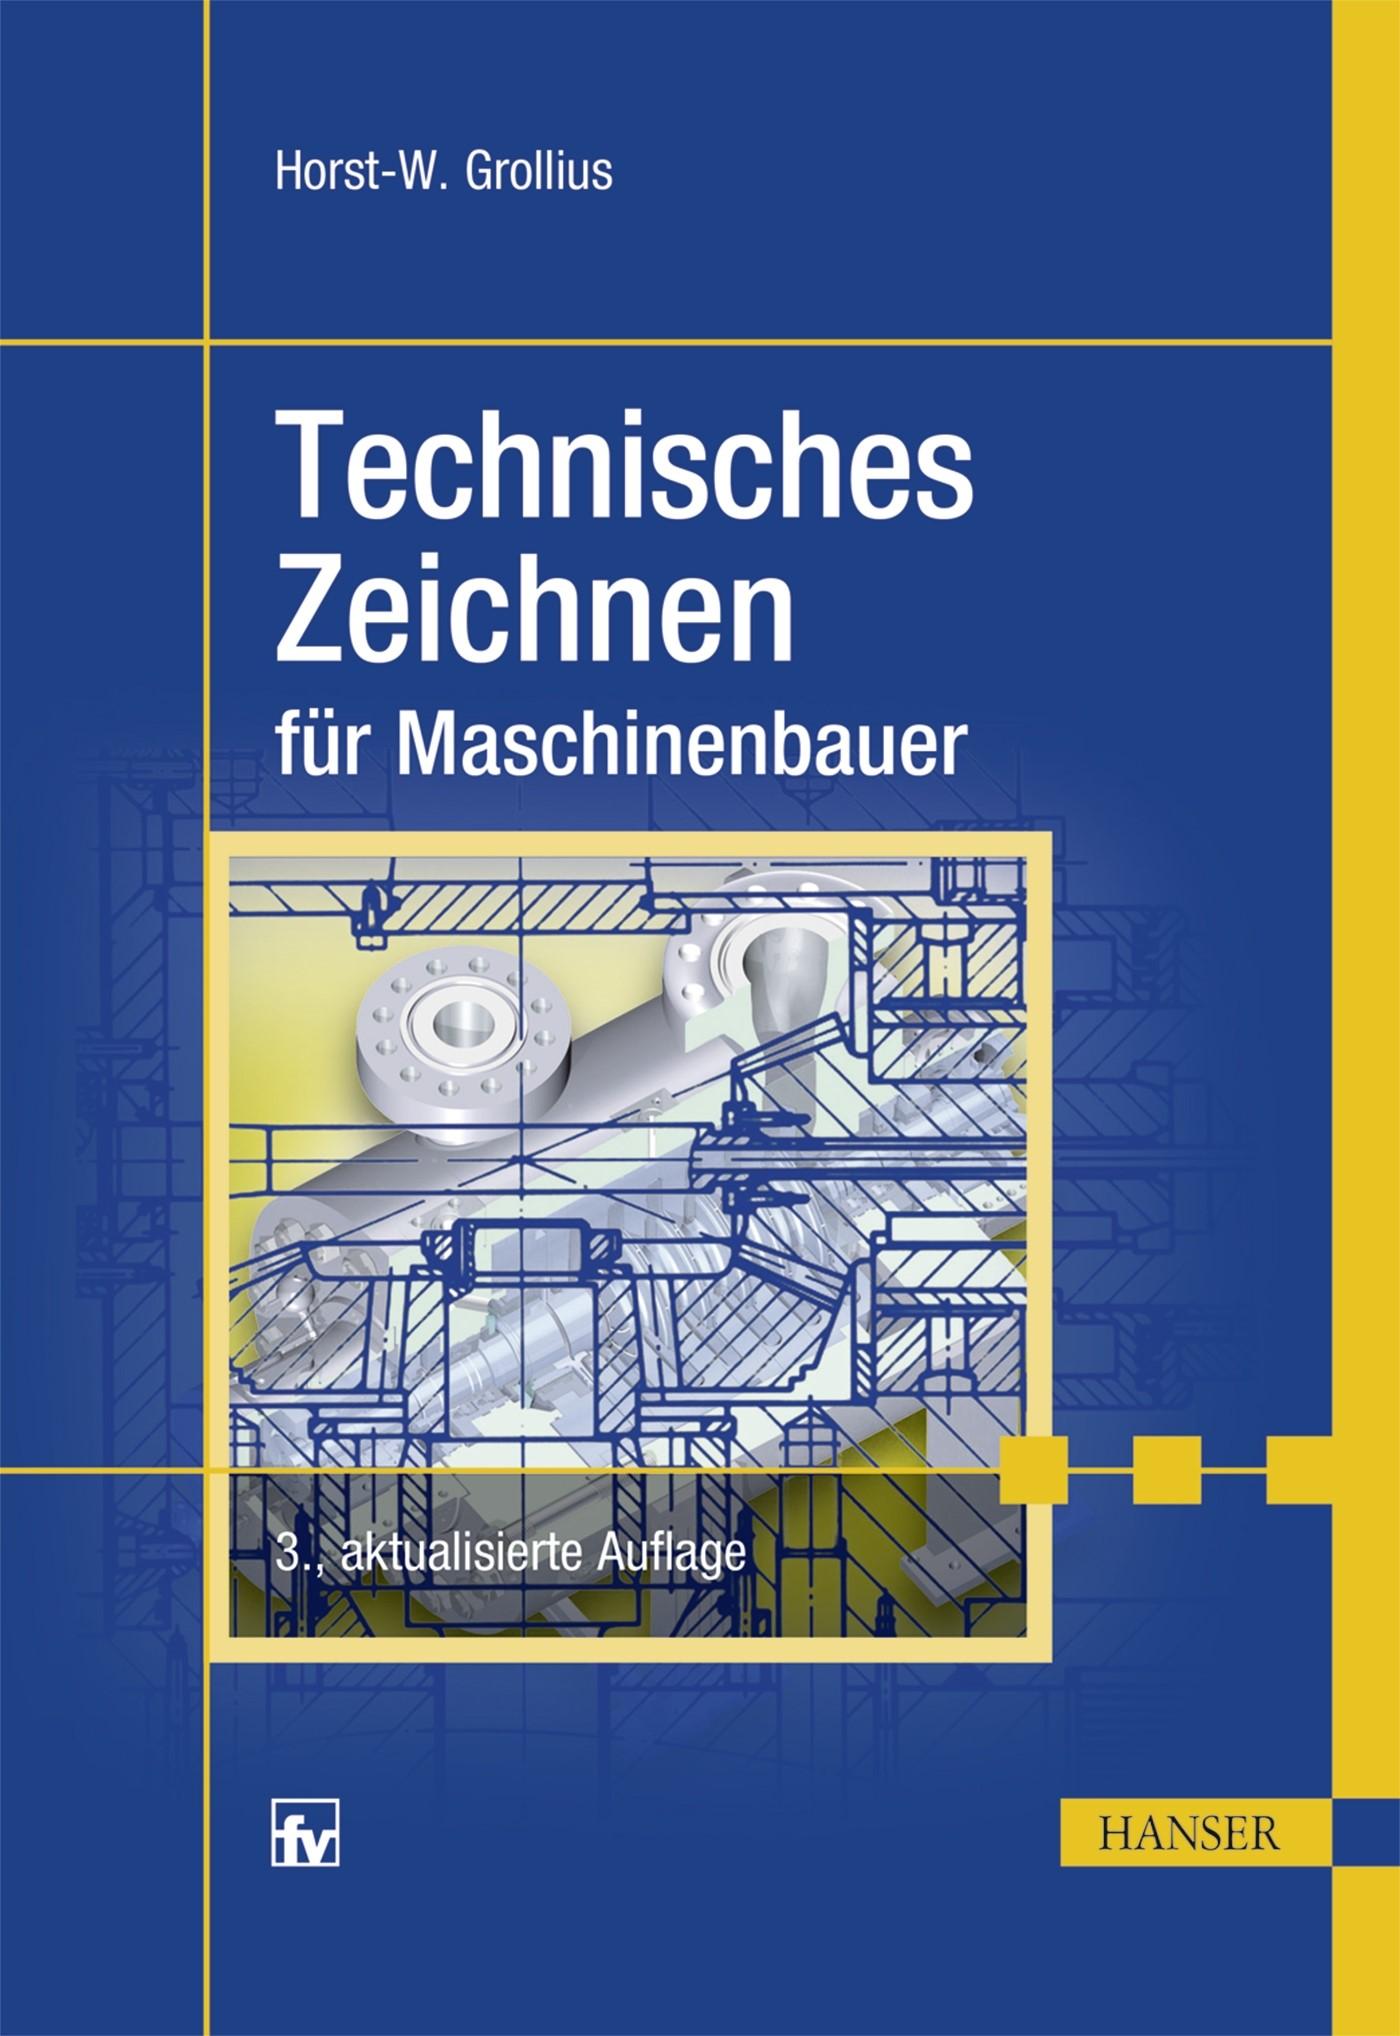 Technisches Zeichnen für Maschinenbauer | Grollius | 3., aktualisierte Auflage., 2016 | Buch (Cover)